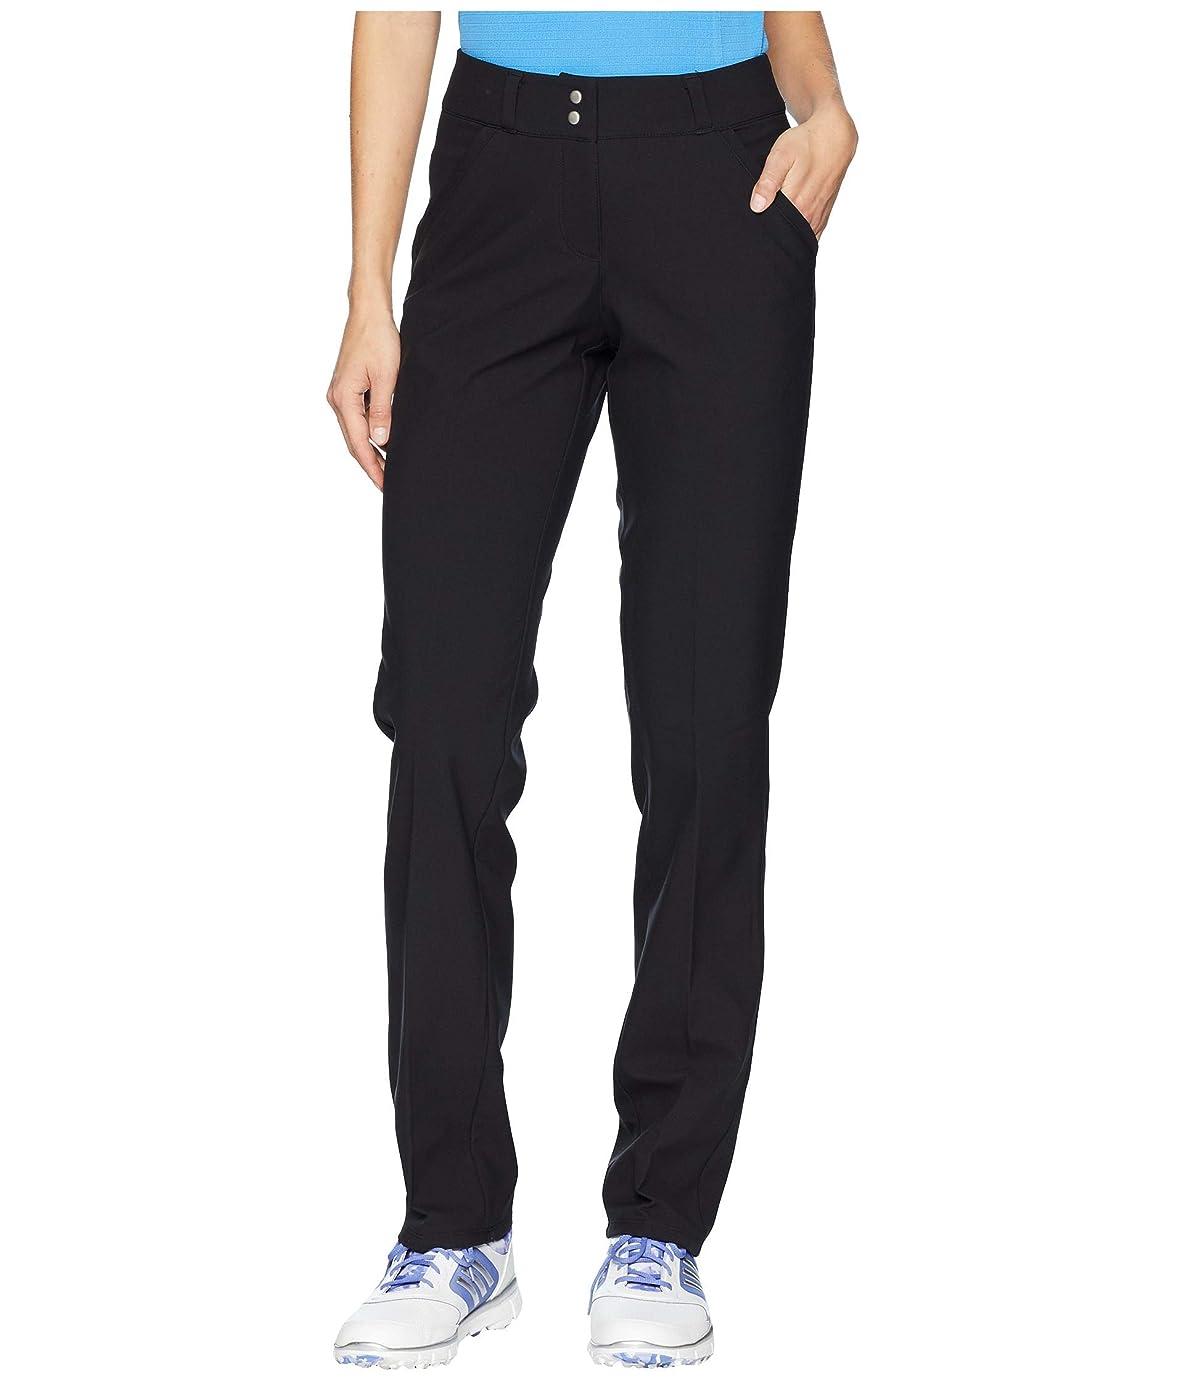 立方体悪質なブランク[adidas(アディダス)] レディースパンツ?ジャージ?レギンス Fall Weight Pant Black 1 12 (XXL) 31 [並行輸入品]